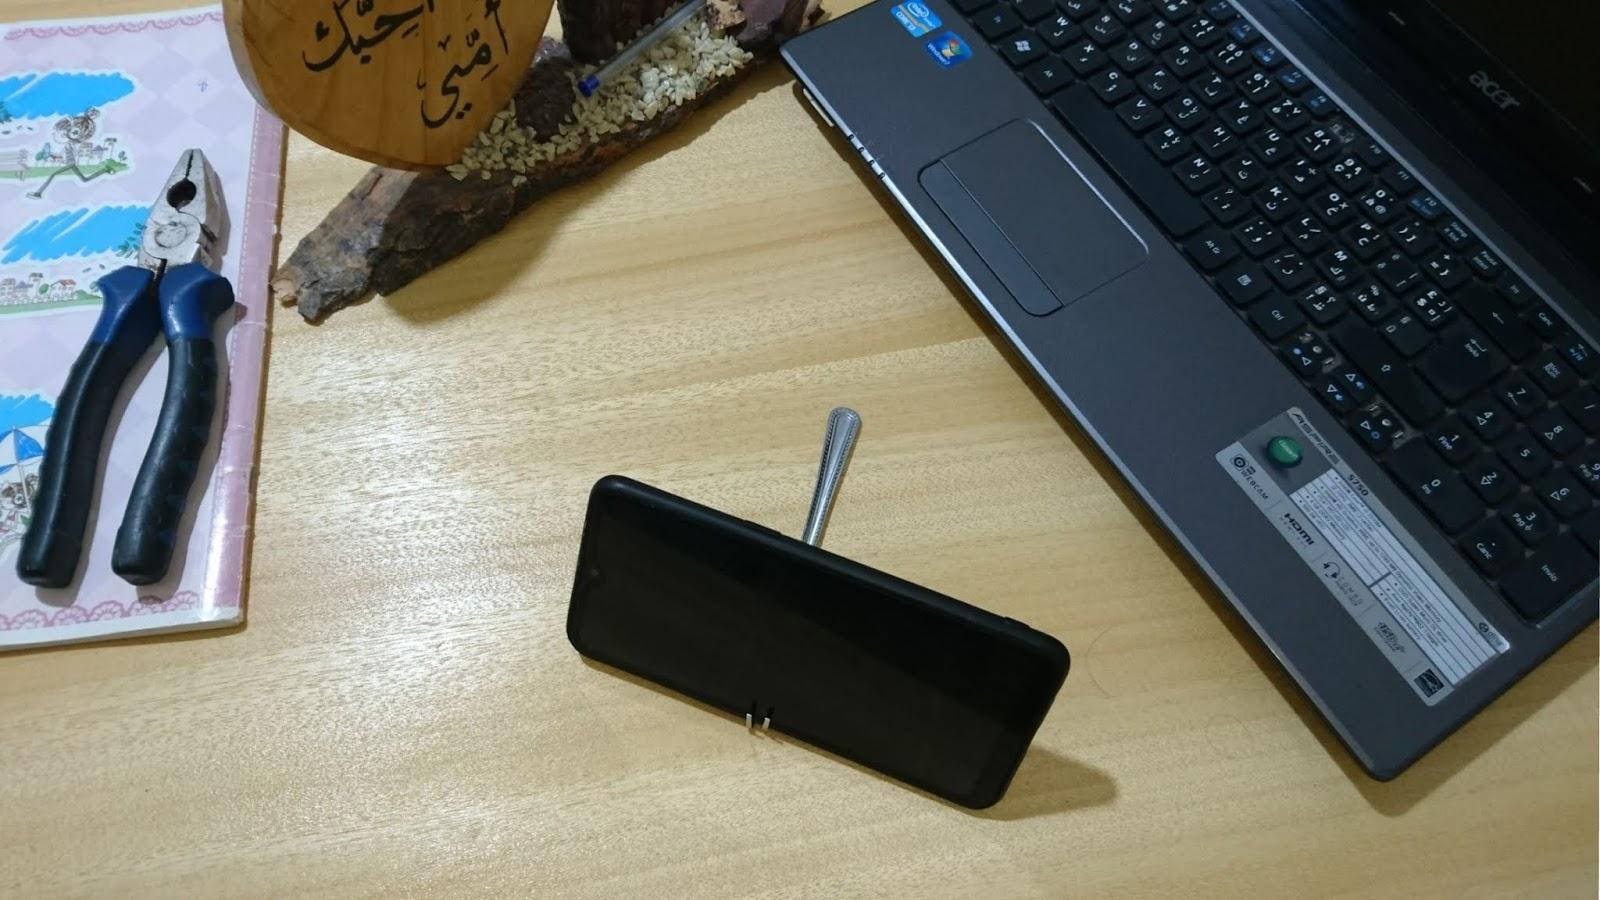 حامل هاتف من أدوات منزلية بسيطة